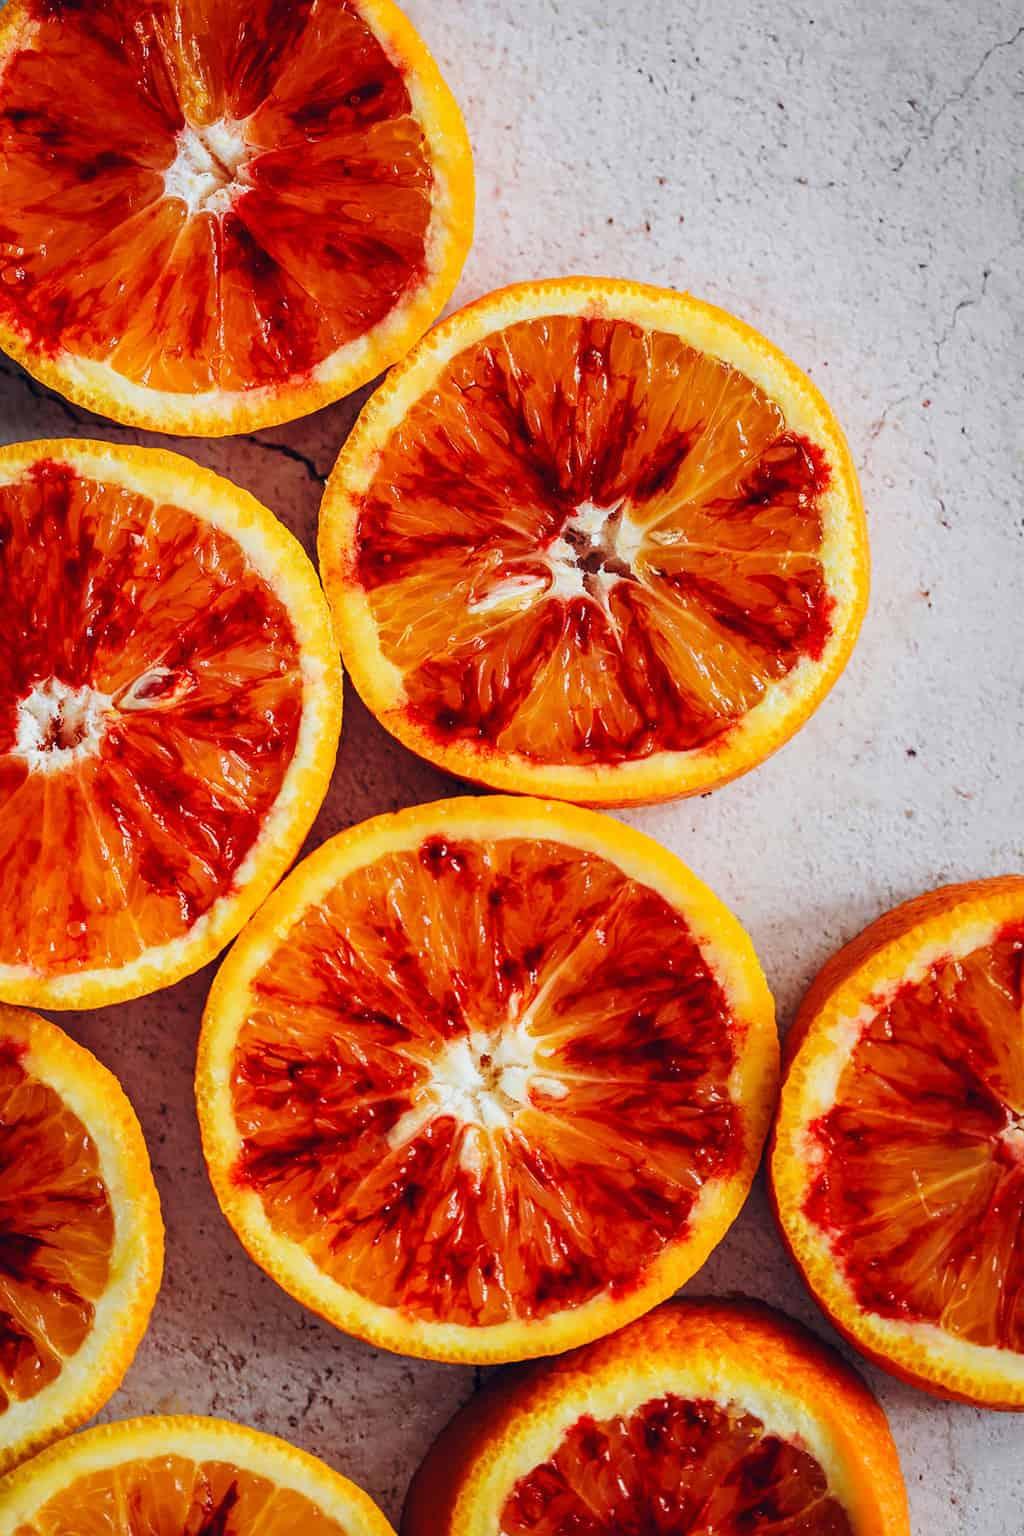 Blood Oranges Sliced